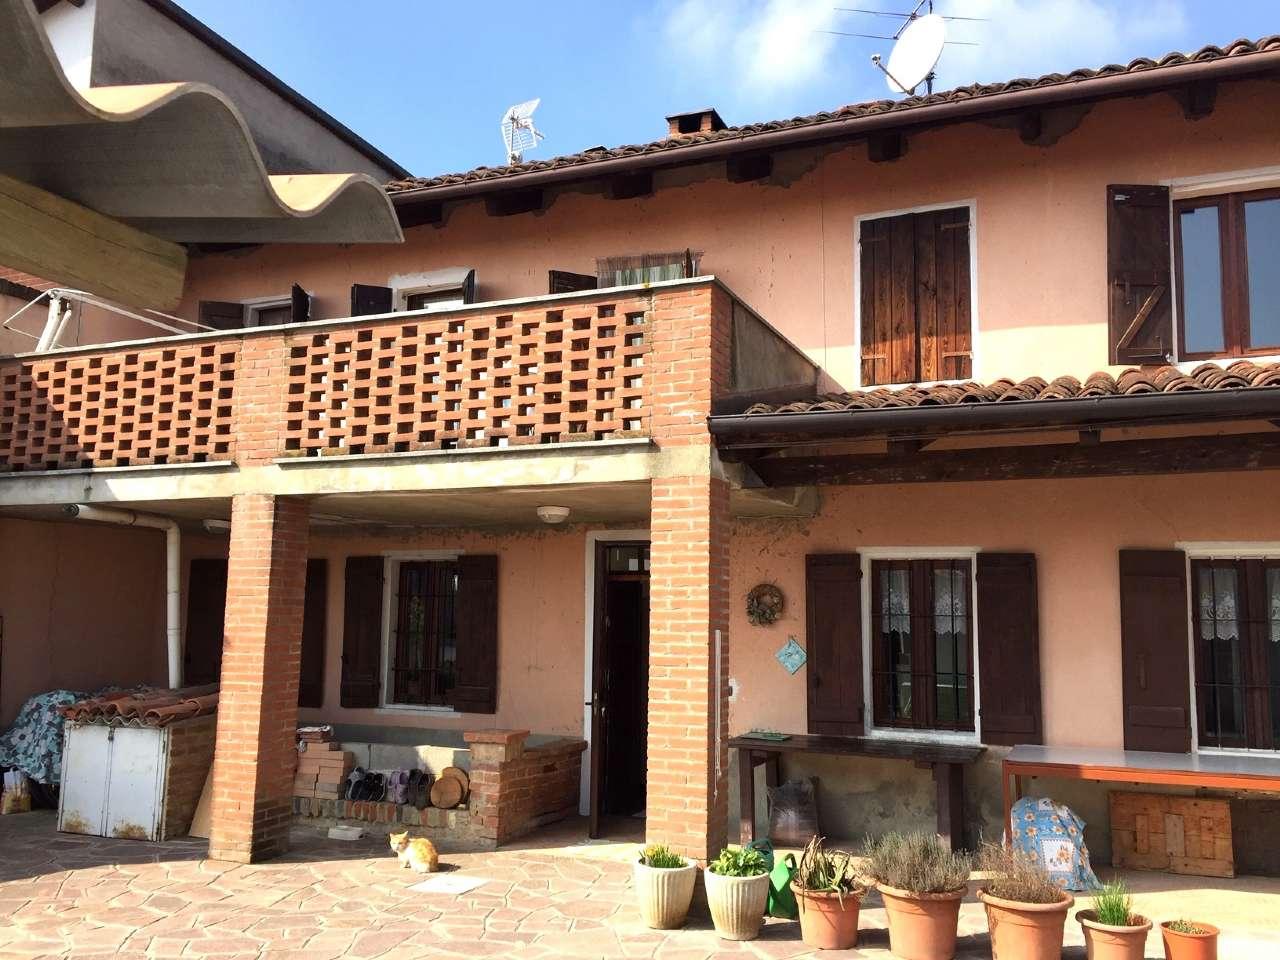 Soluzione Indipendente in vendita a Camerano Casasco, 4 locali, prezzo € 98.000 | PortaleAgenzieImmobiliari.it